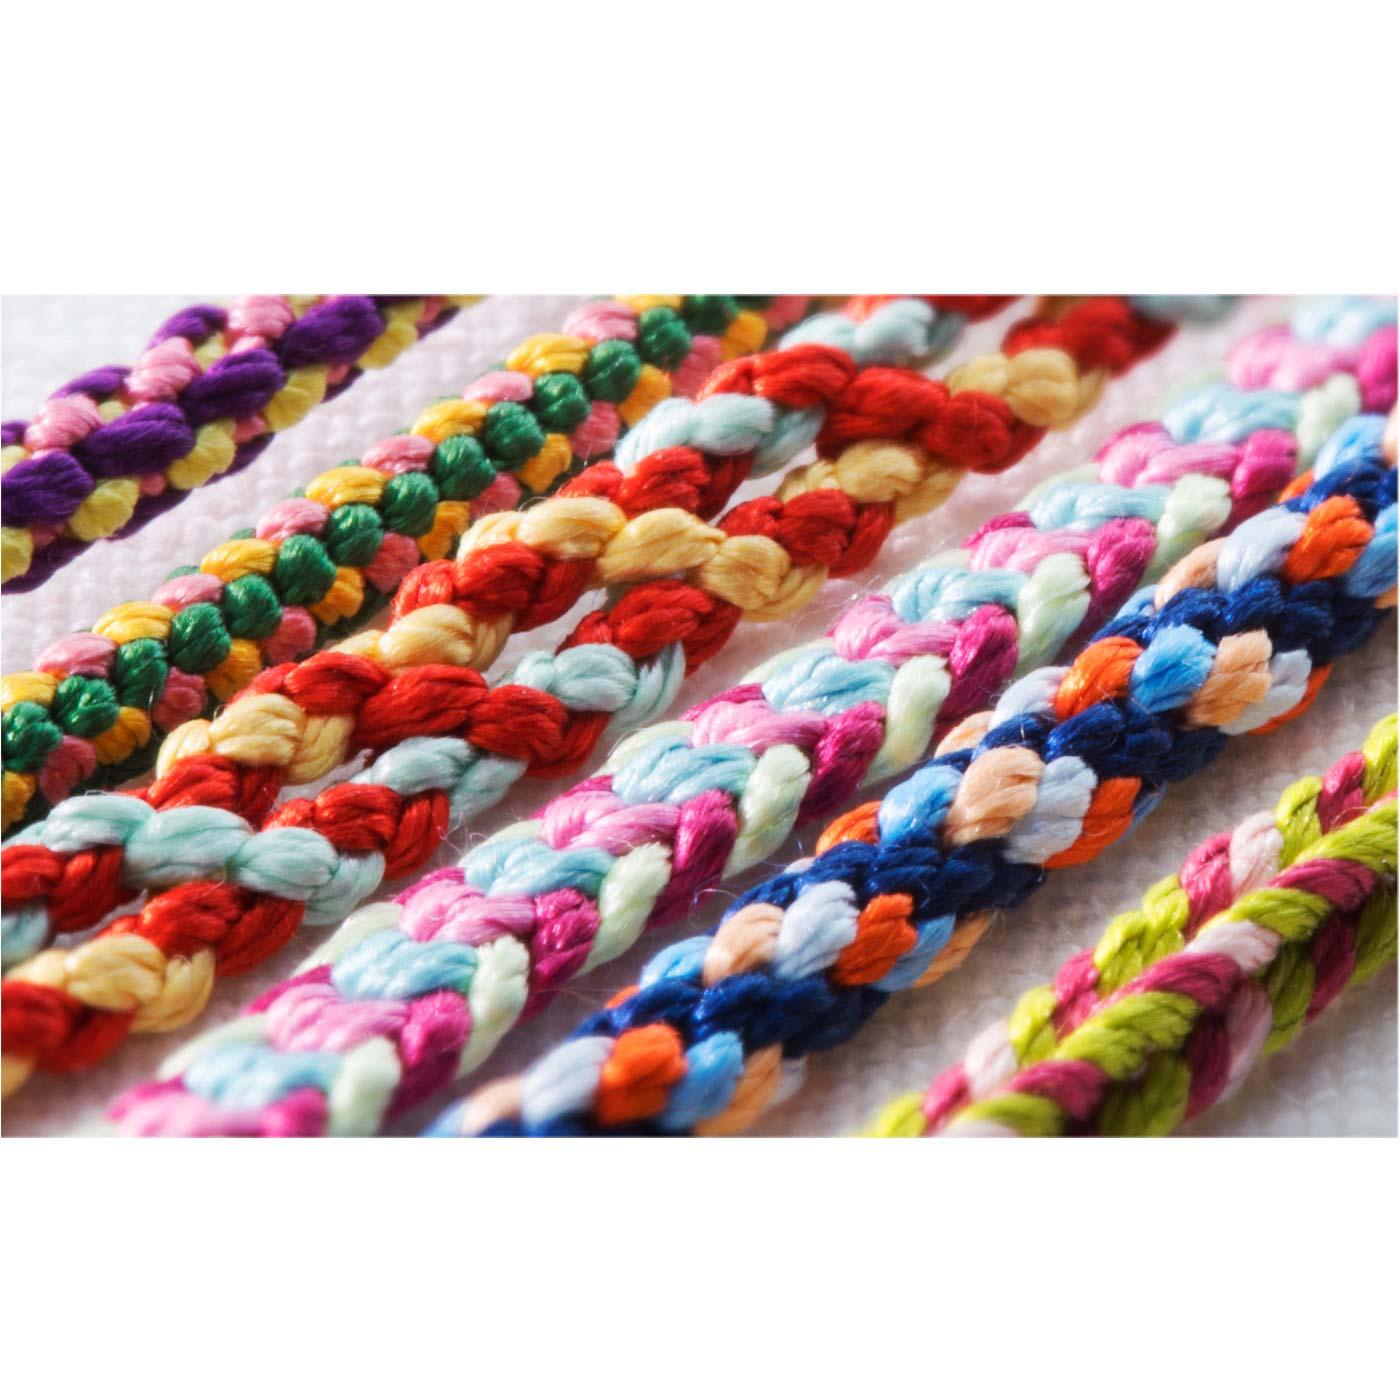 色鮮やかな美しい絹糸の光沢。